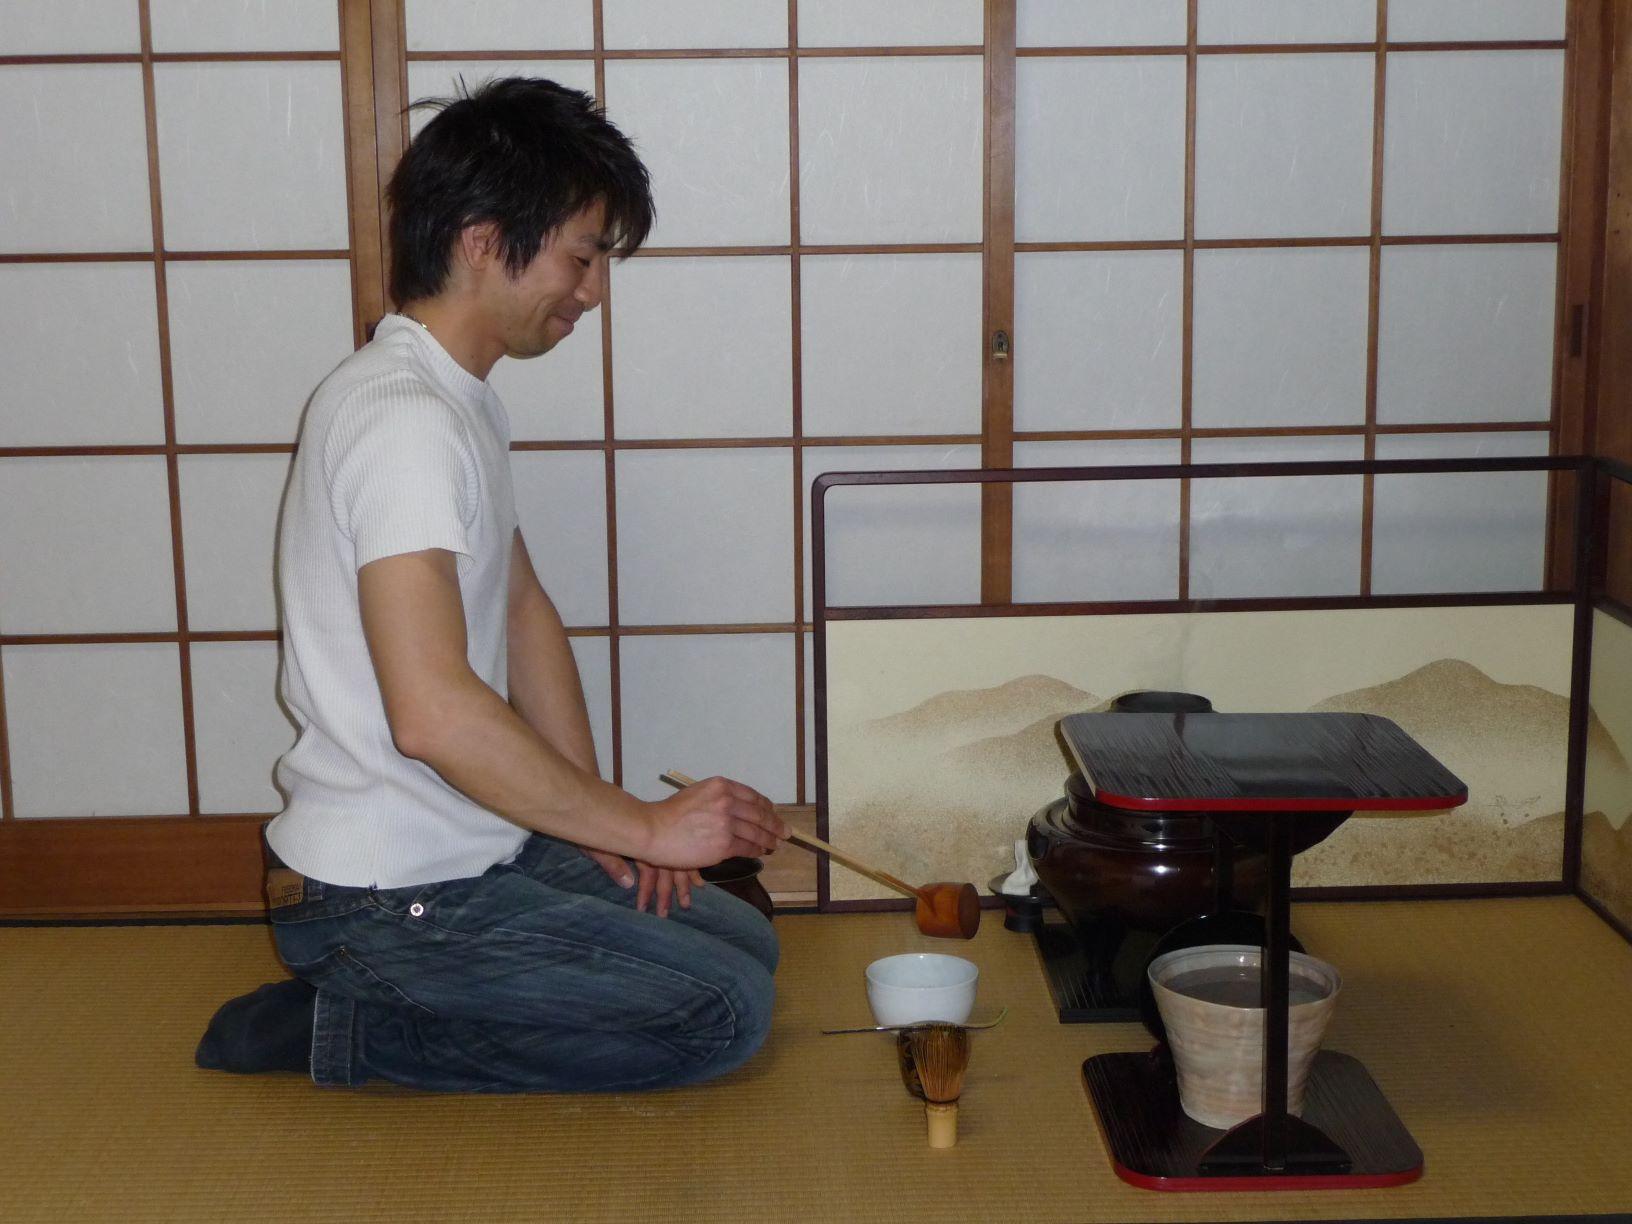 Préparation du thé vert matcha lors d'une cérémonie du thé au Japon